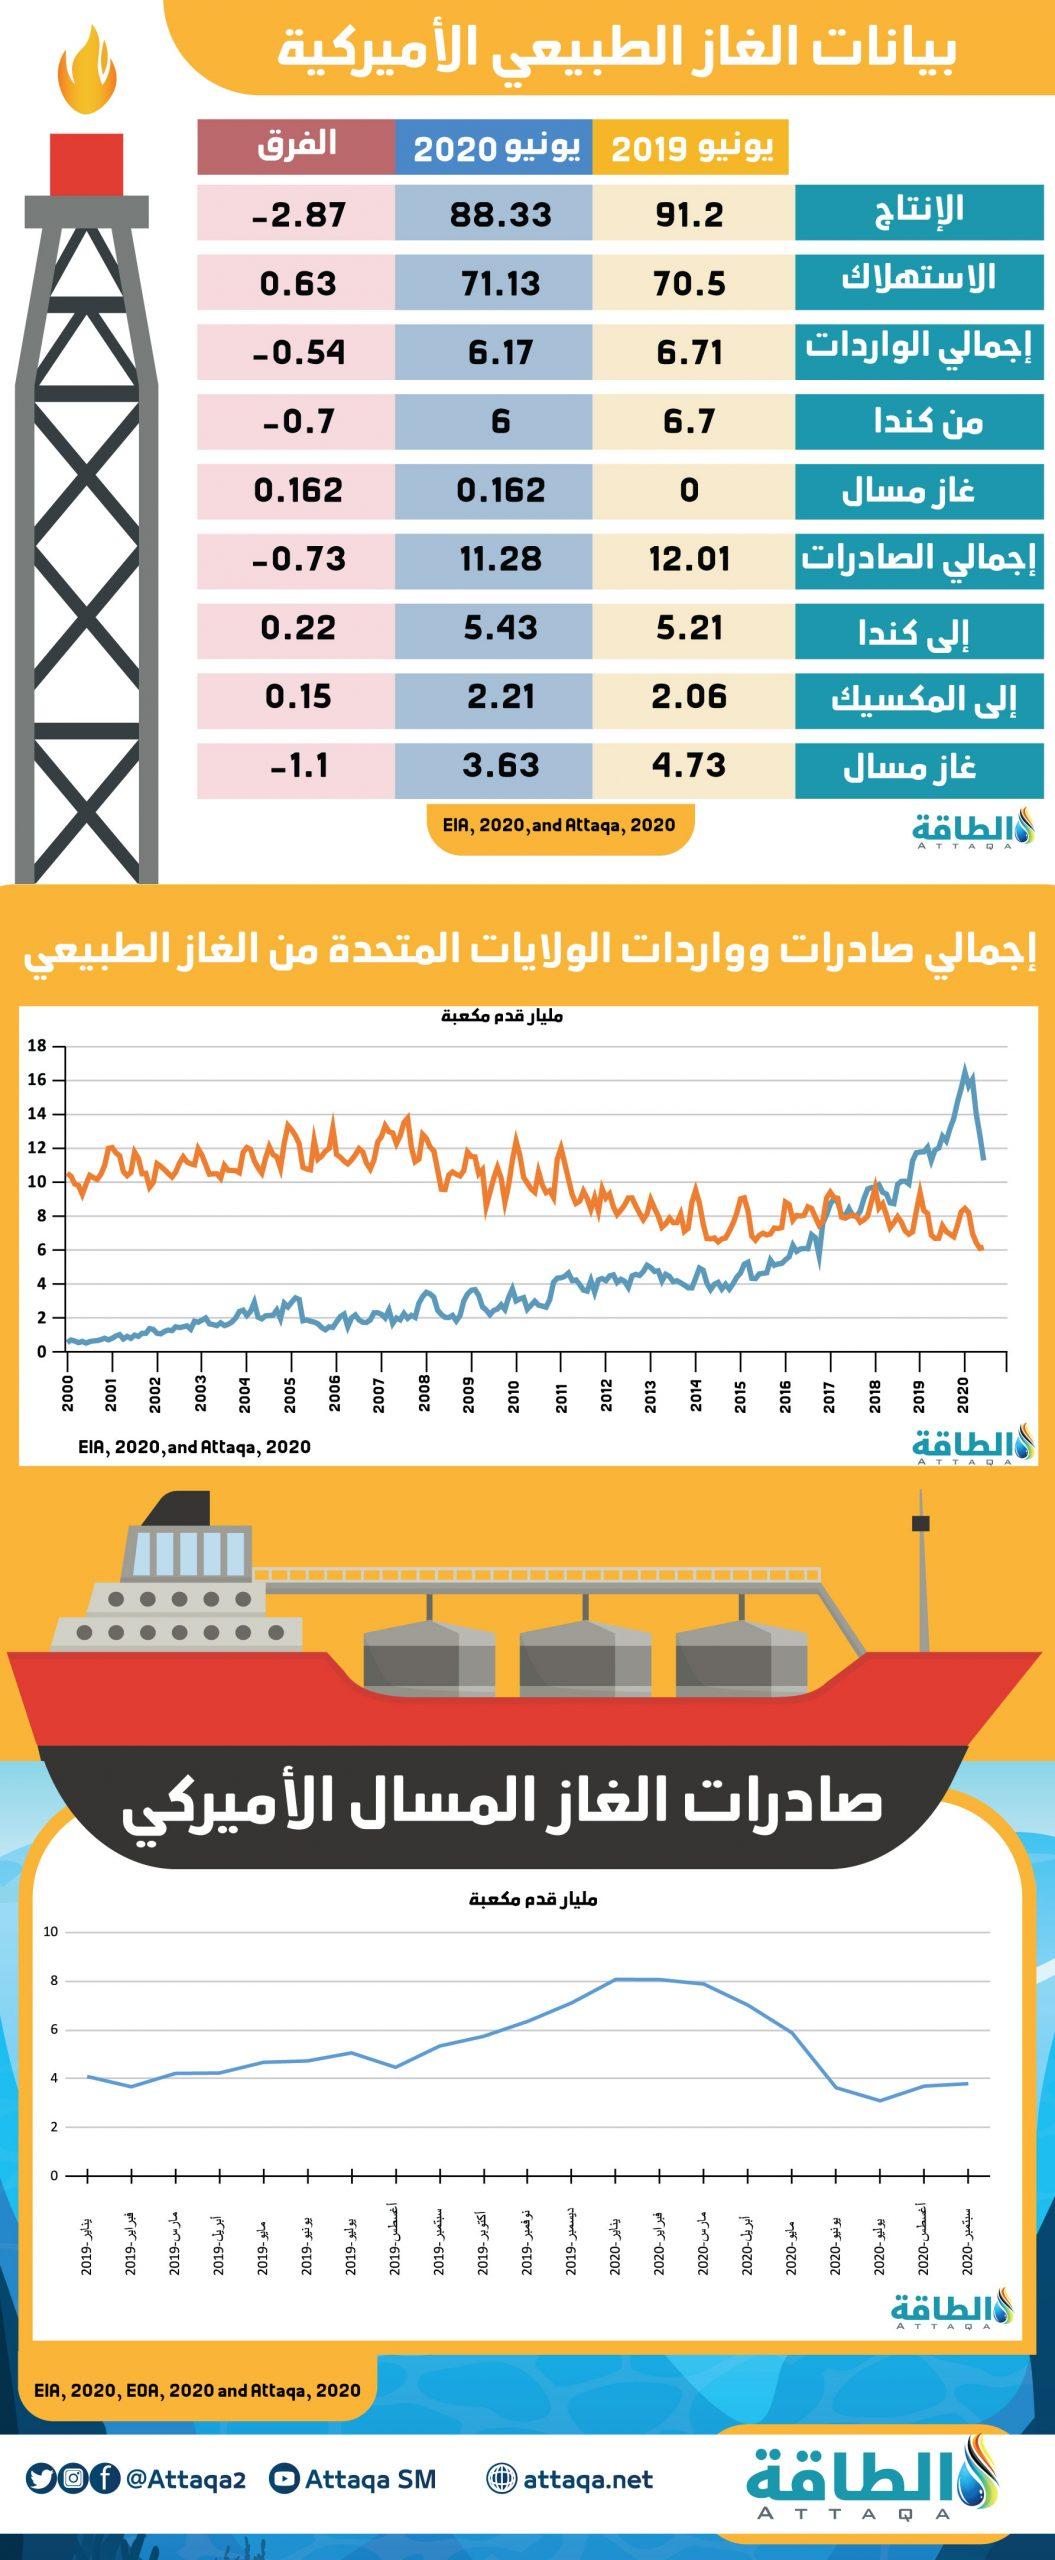 معلومات عن إنتاج الغاز وصادراته في الولايات المتحدة